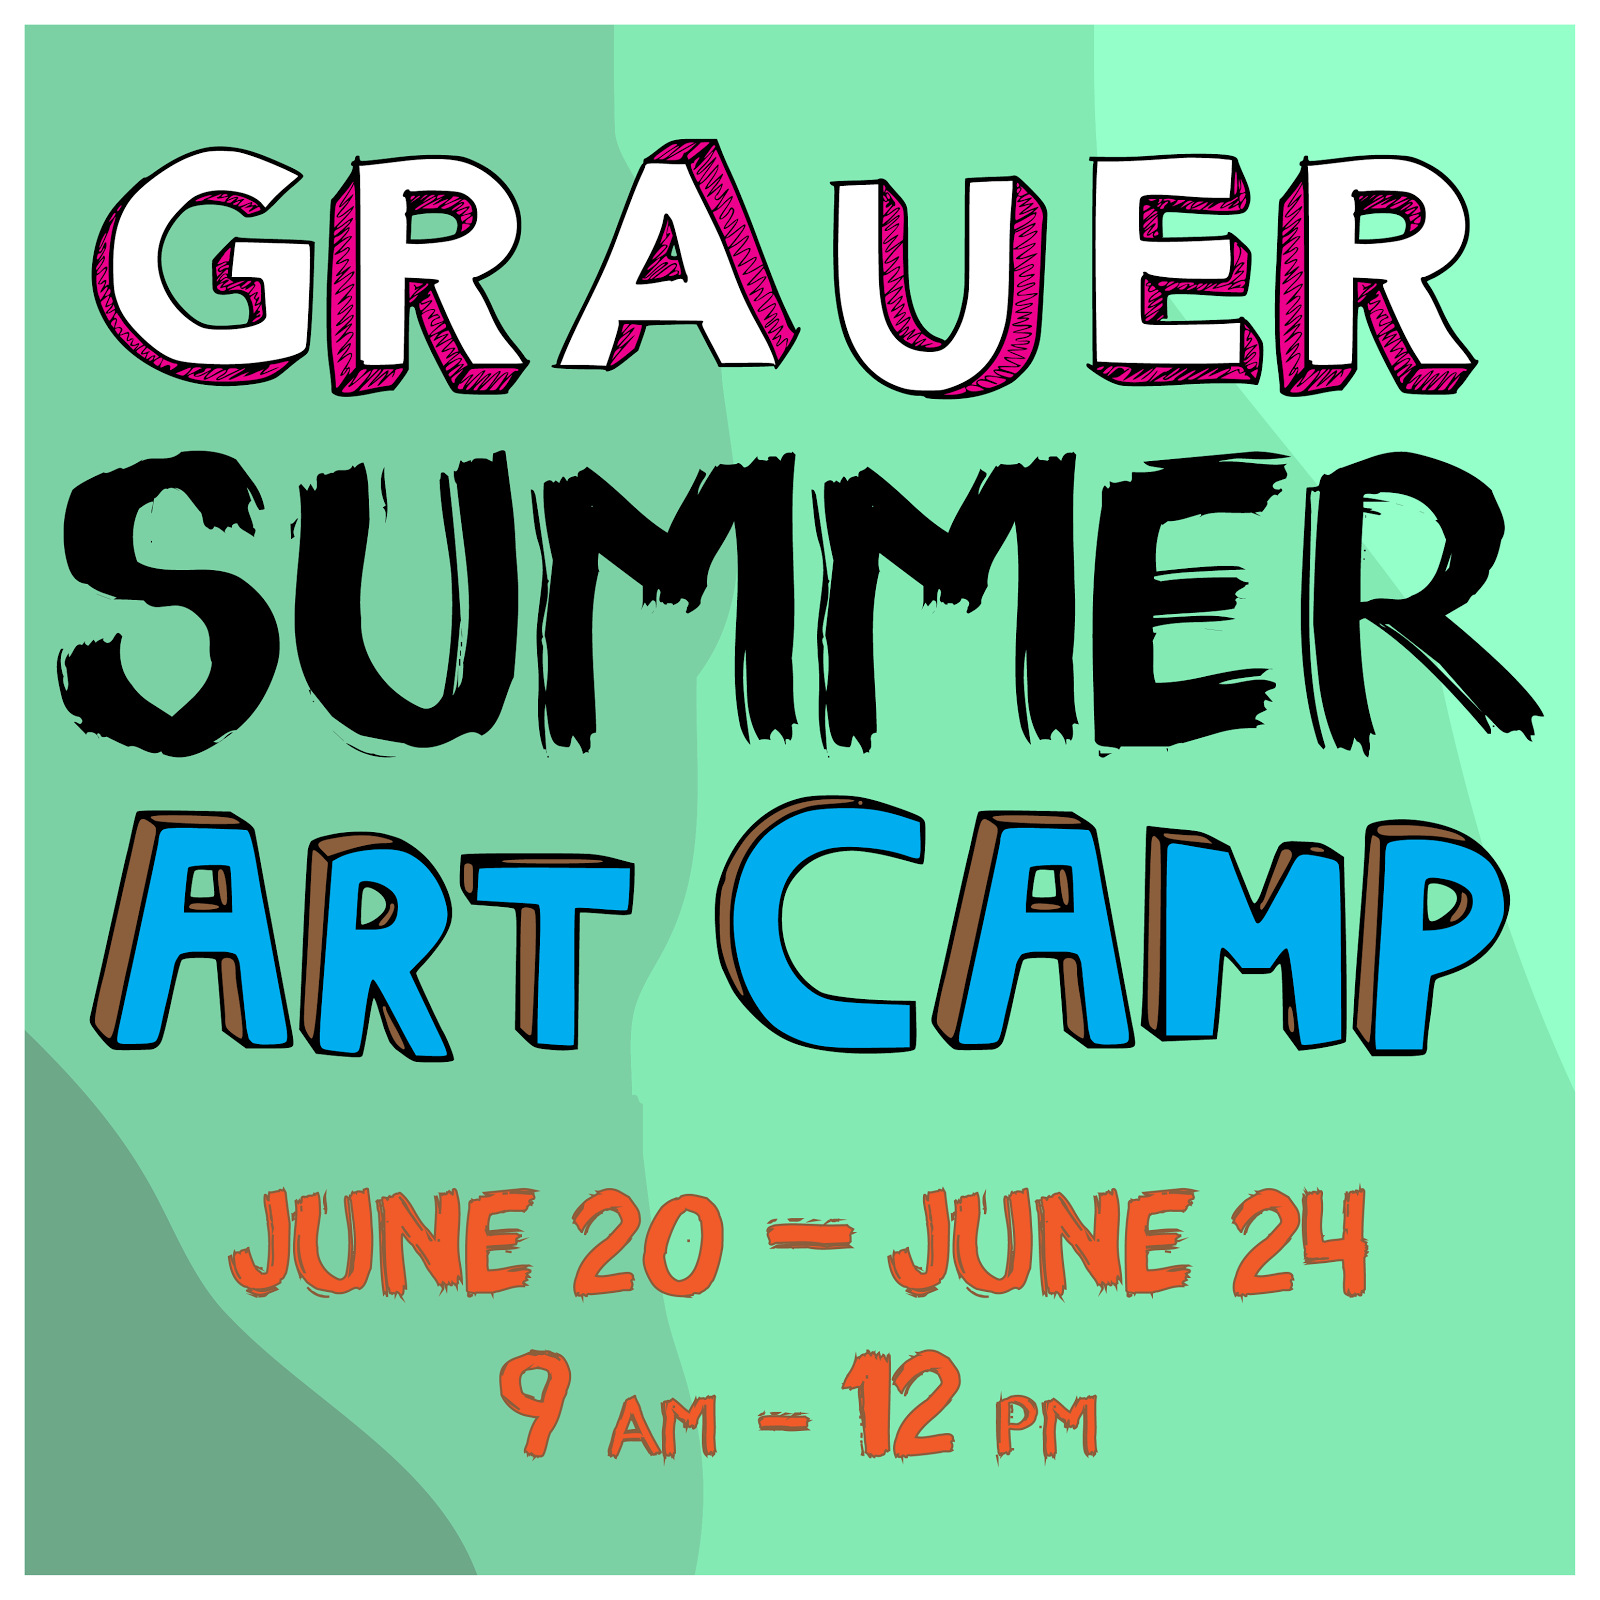 Summer Art Camp Sign Up Info